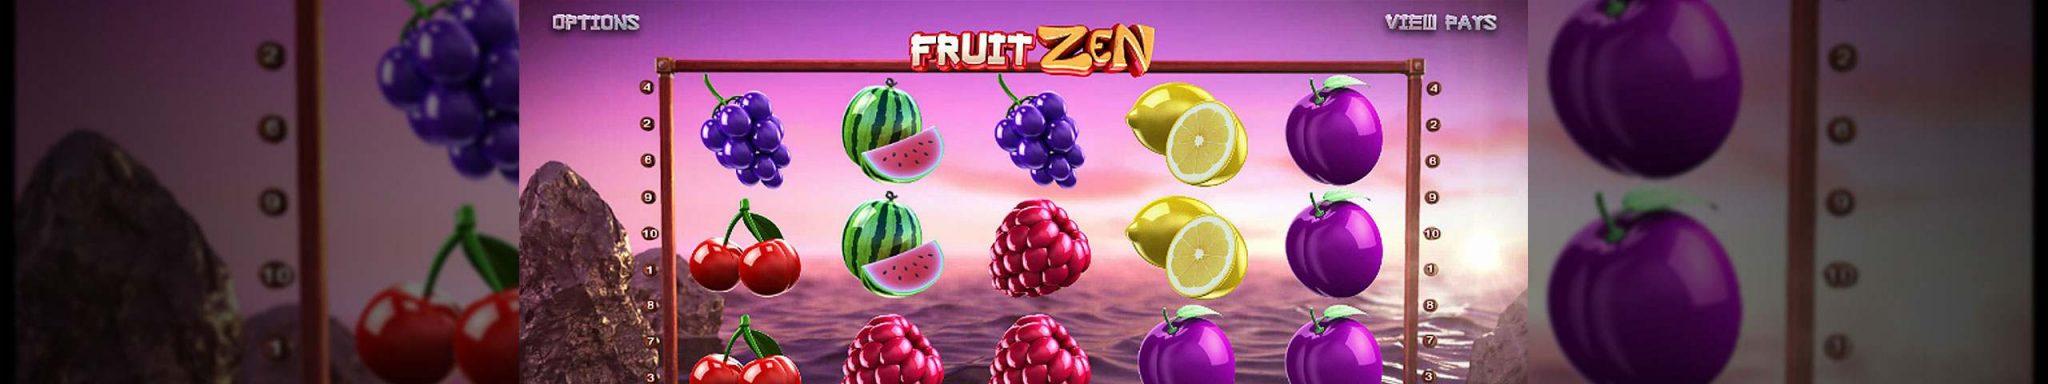 Fruit Zen Betsoft himmel spill spilleautomater slider